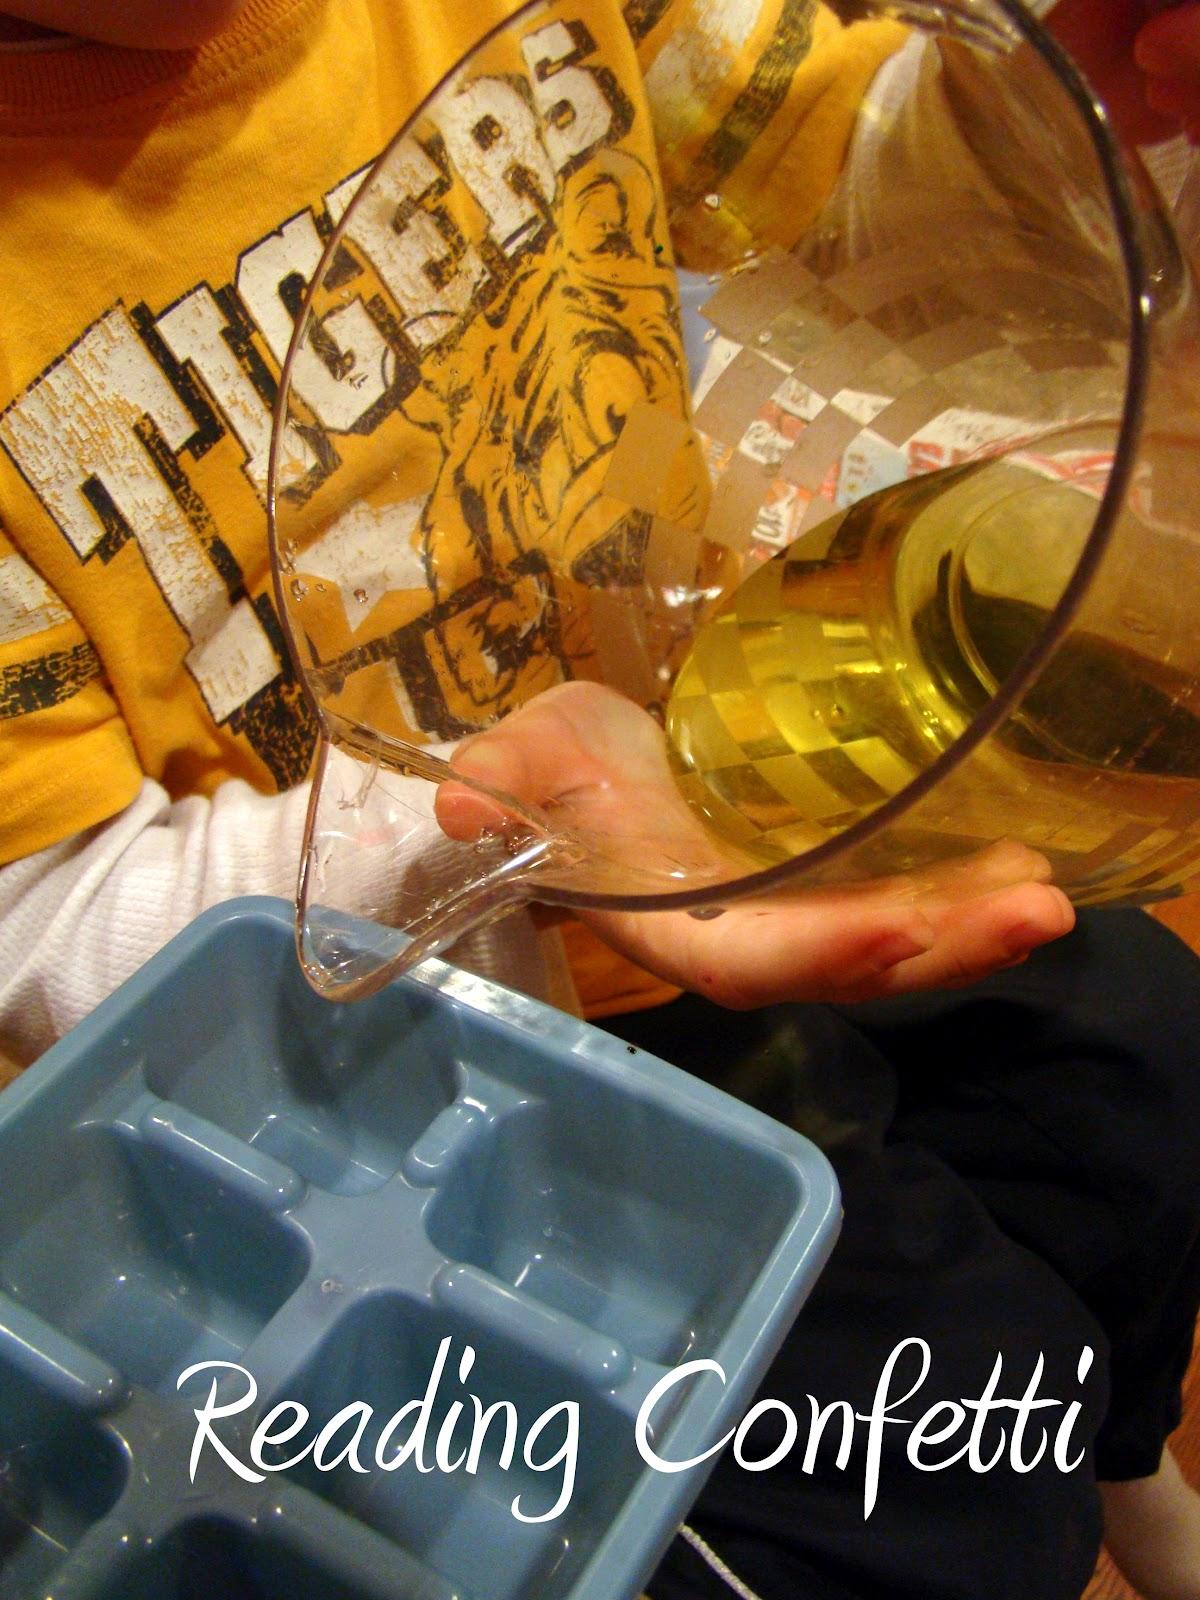 http://1.bp.blogspot.com/-jcIM14Nz1MI/T3Ili_EHDkI/AAAAAAAABjs/J7wpiCRWhes/s1600/ice%2Bcubes%2B7.jpg